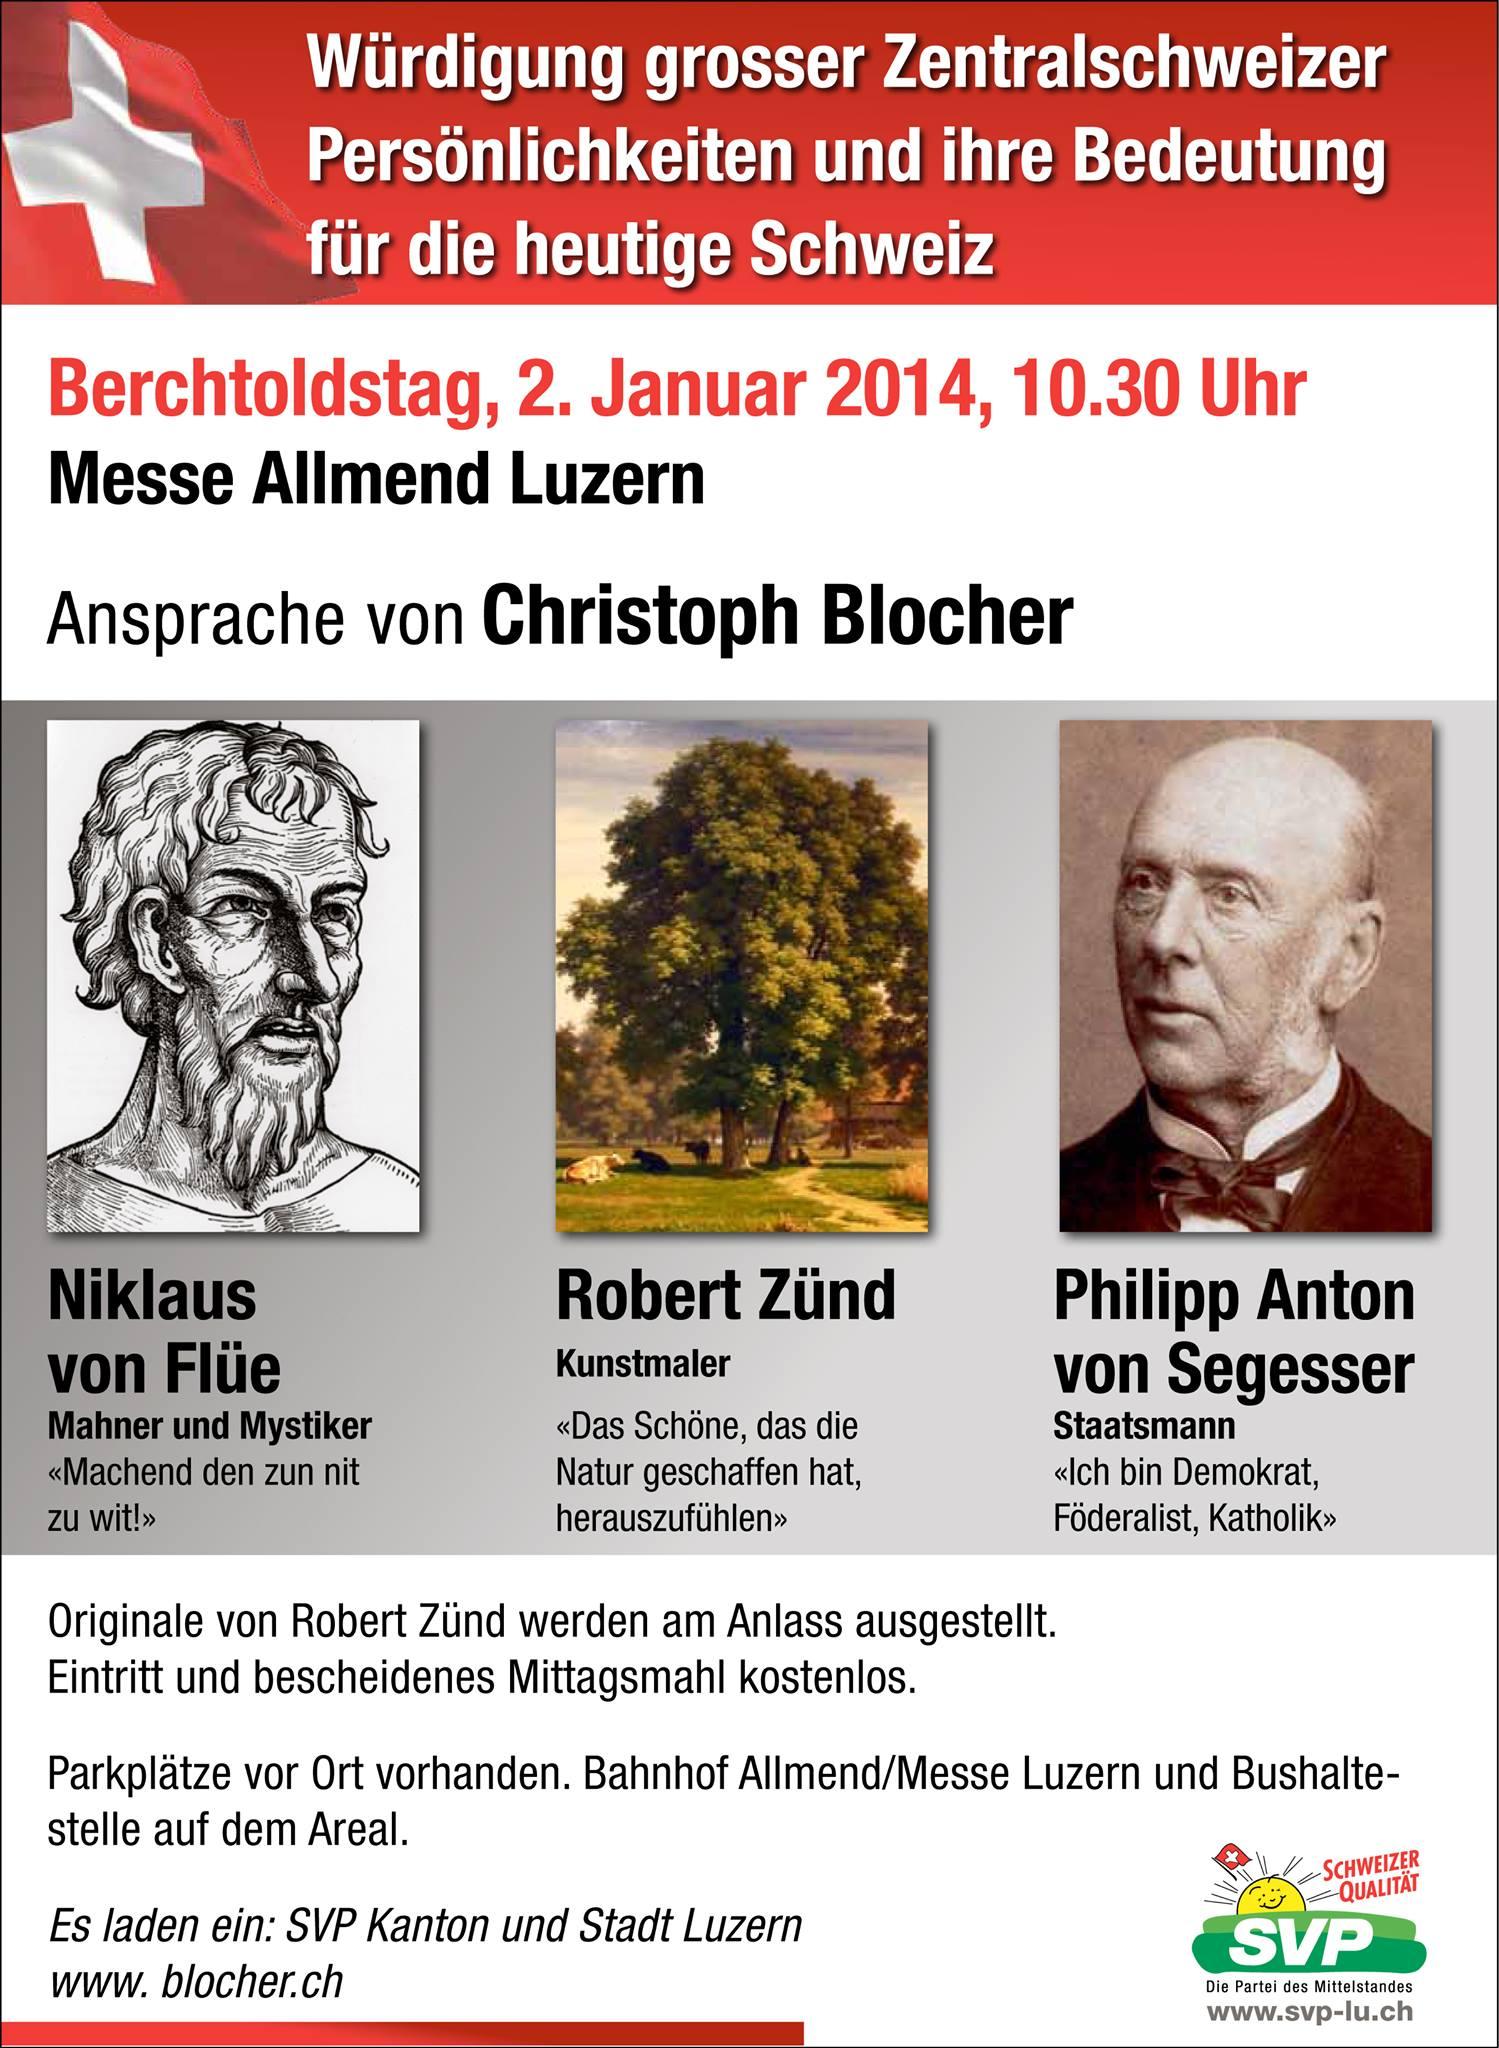 Berchtoldstag, 2. Januar 2014: Christoph Blocher würdigt grosse Zentralschweizer Persönlichkeiten in Luzern